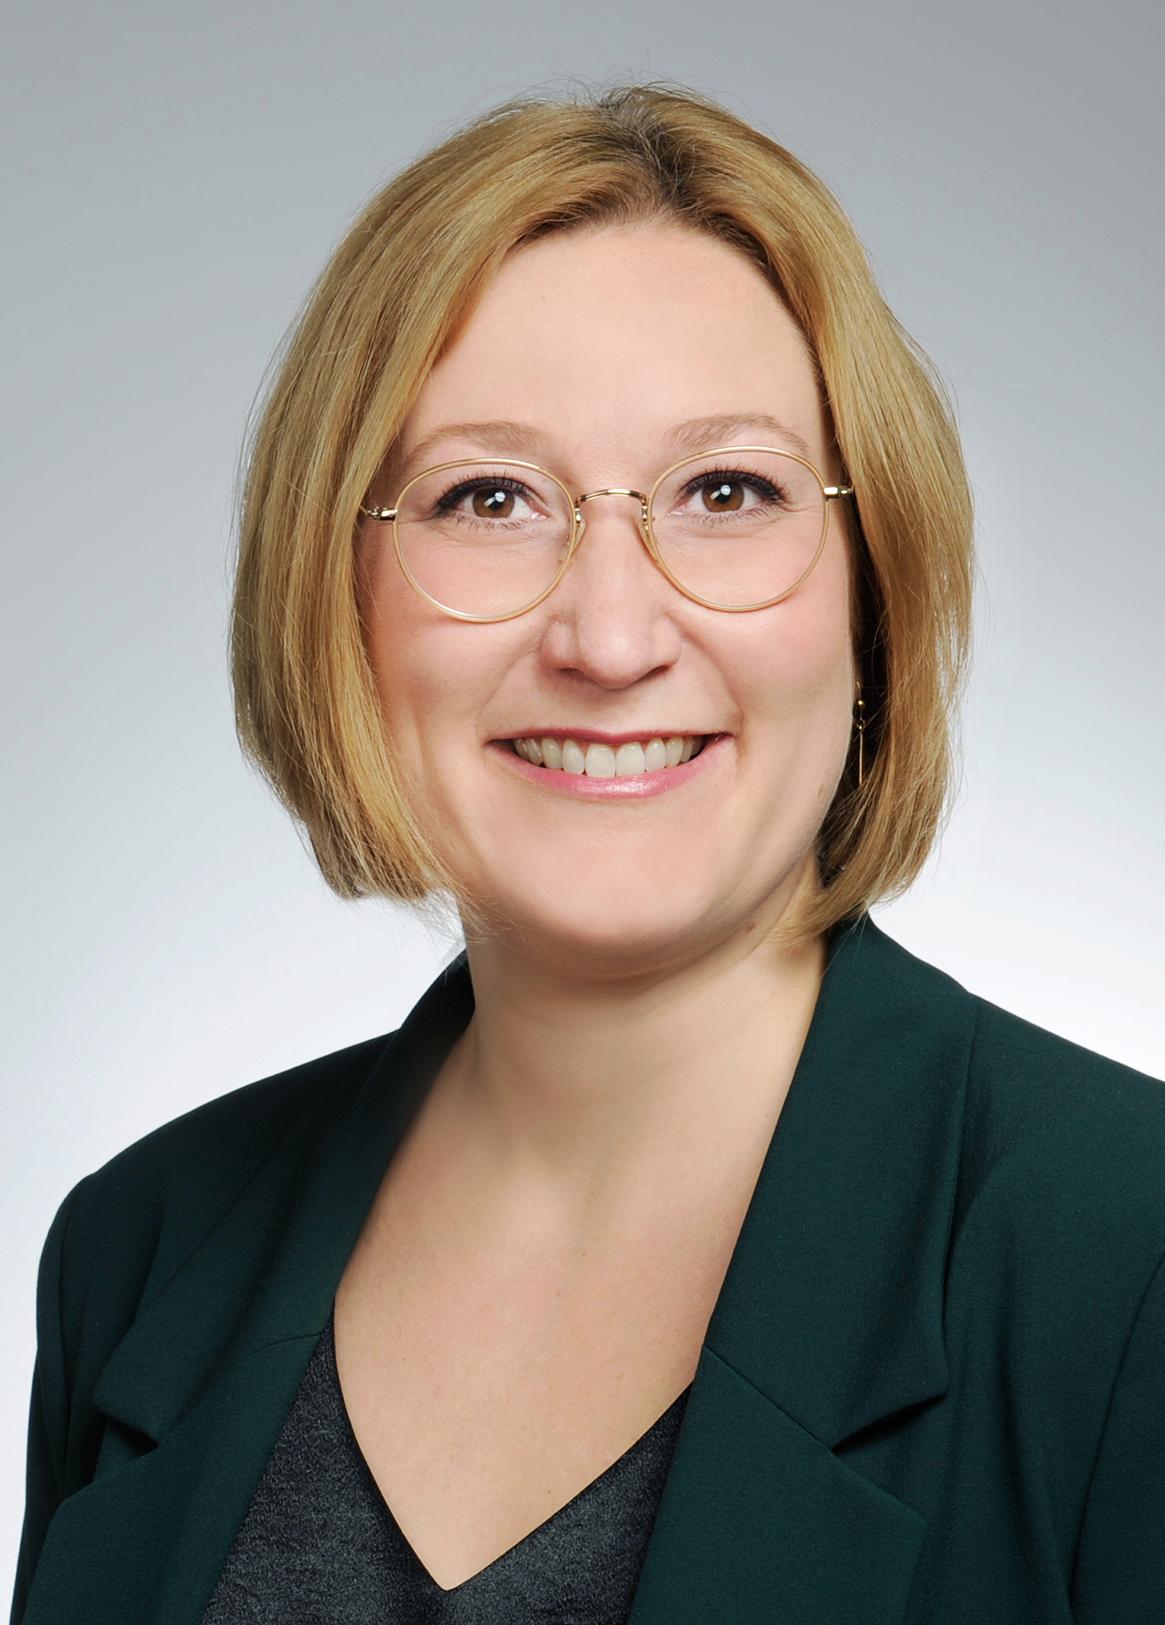 Julia Bönisch wechselt von SZ.de zur Stiftung Warentest (Foto: Stiftung Warentest)